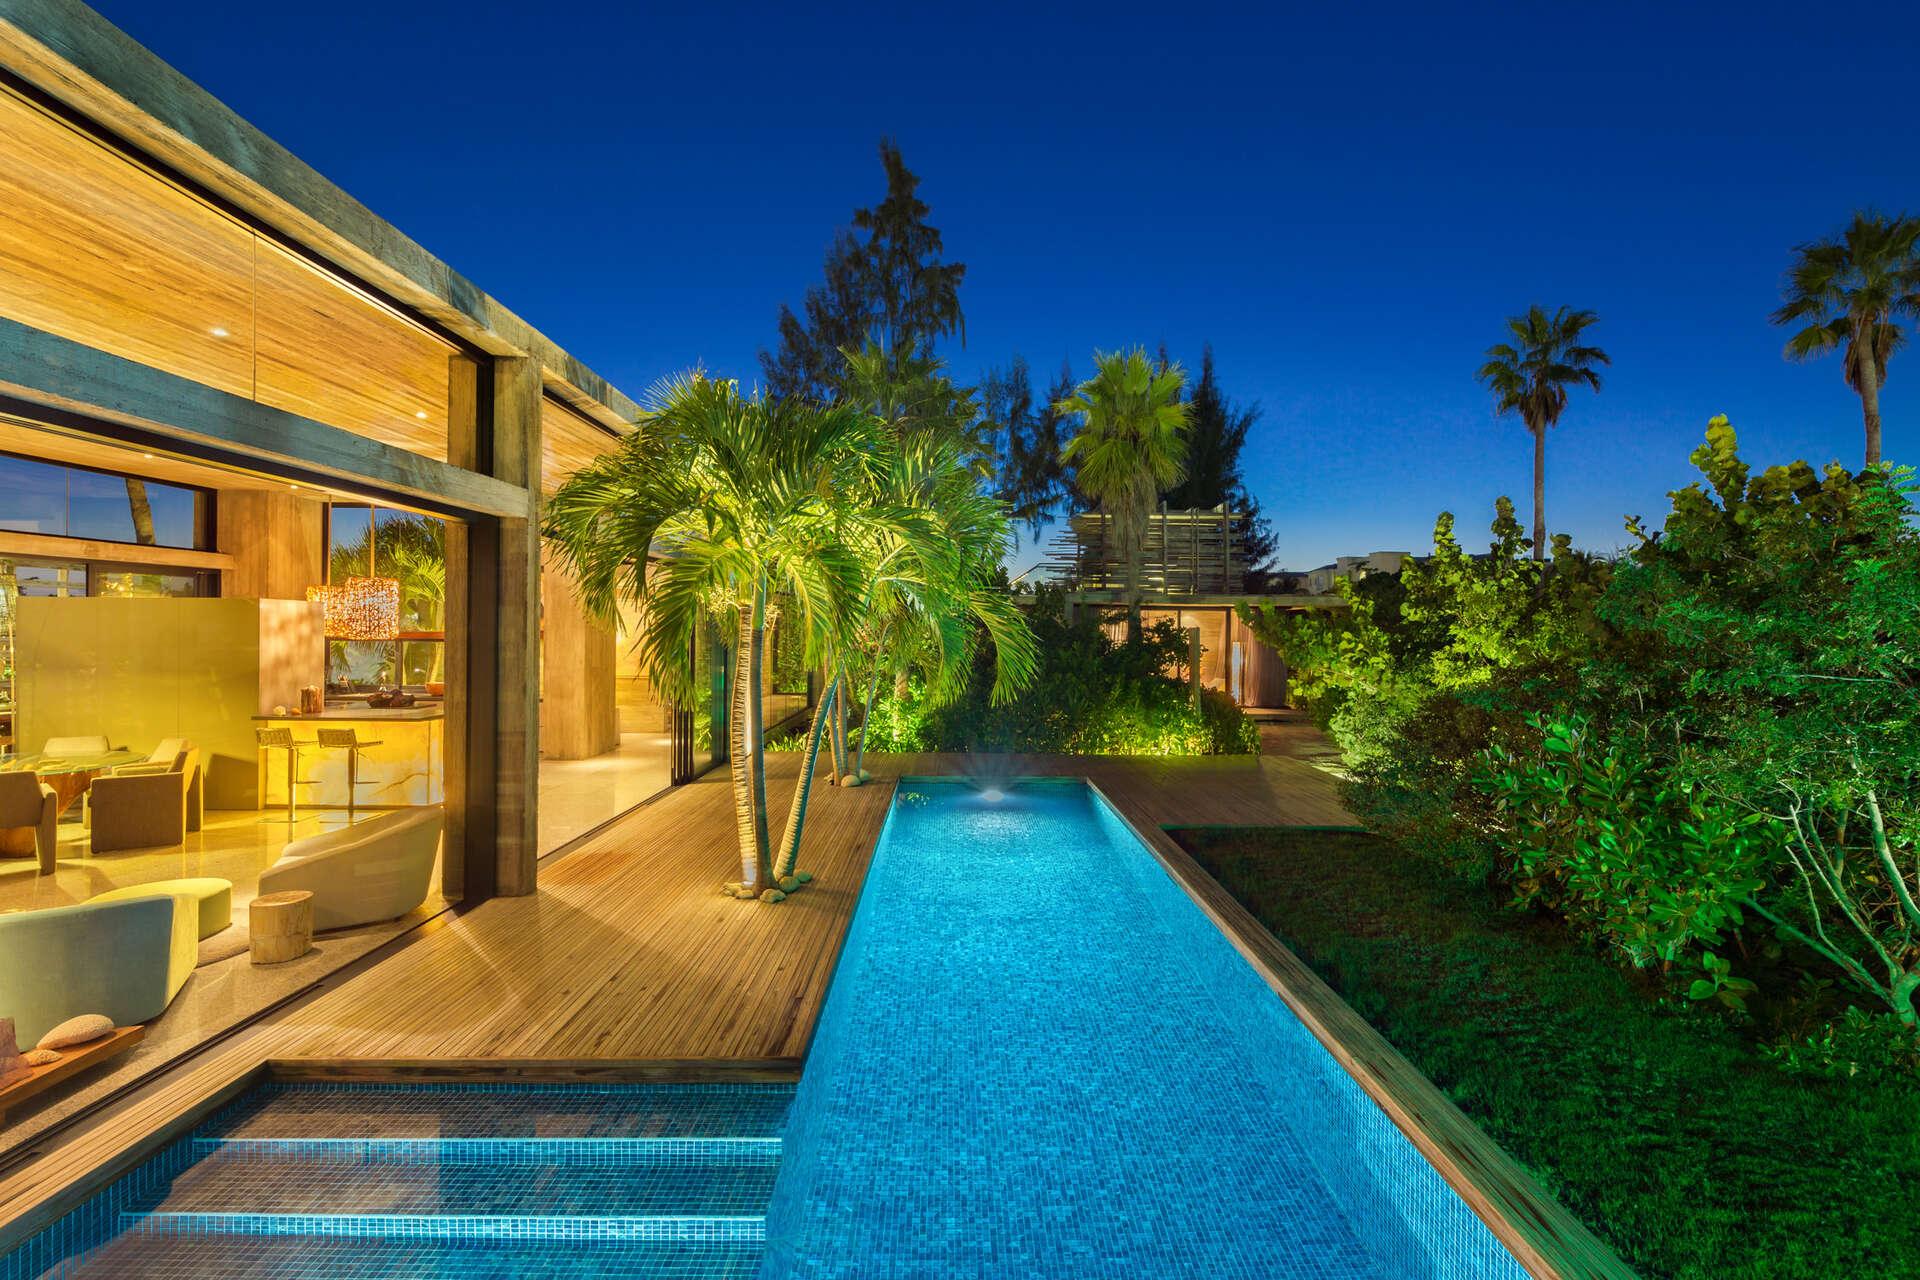 Luxury villa rentals caribbean - Turks and caicos - Providenciales - Grace bay - Villa Islander - Image 1/31